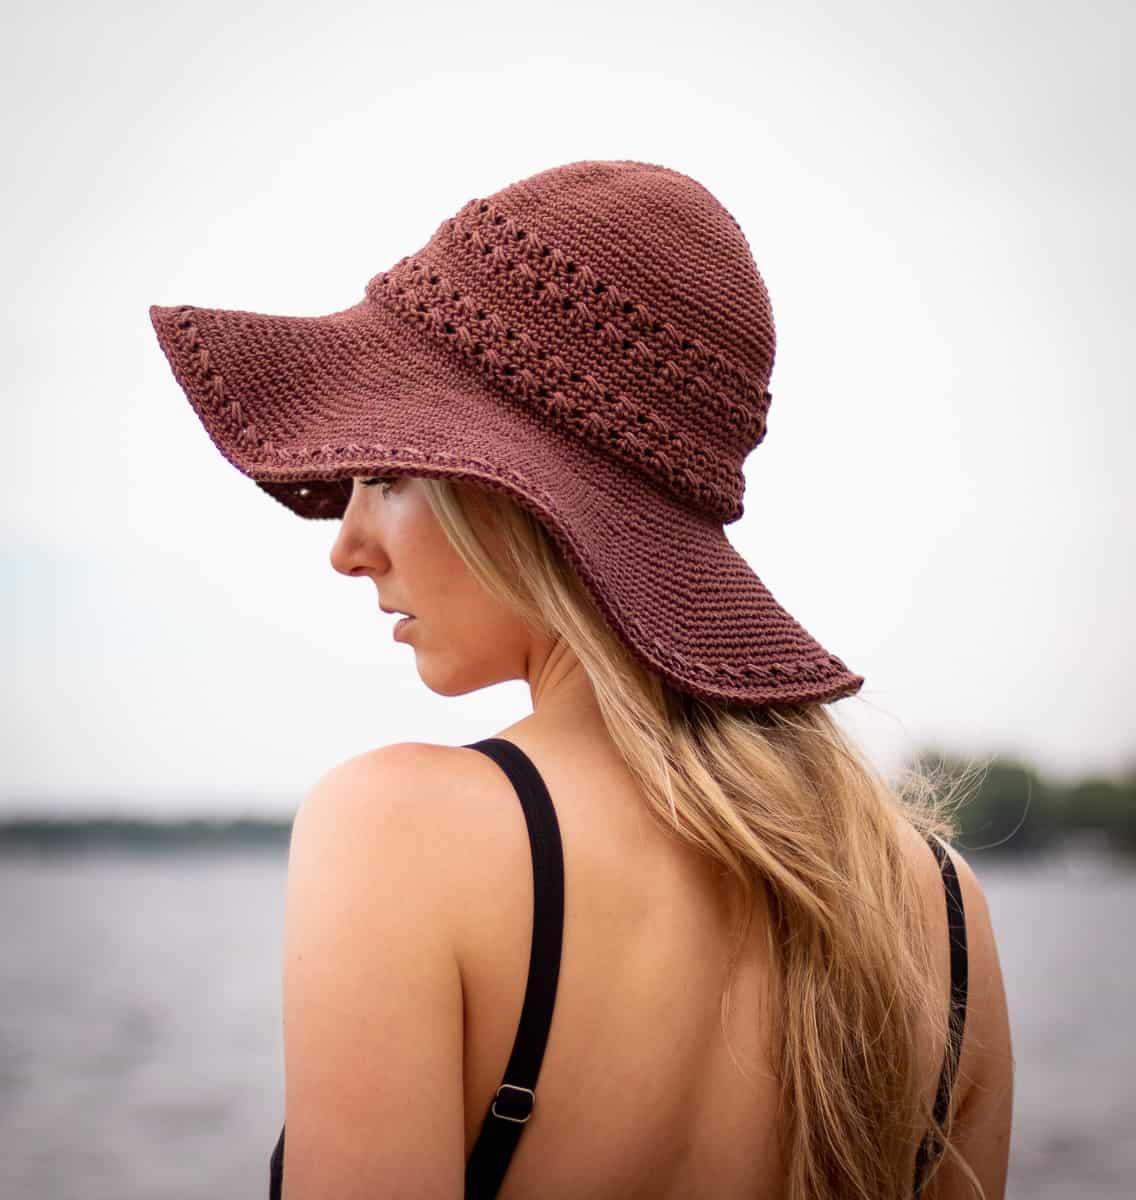 Seaside Sun Hat Häkelmuster Hauptbild zeigt ein Modell, das den Hut an einem Strand trägt und zur Seite schaut, um die Details des Hutes anzuzeigen